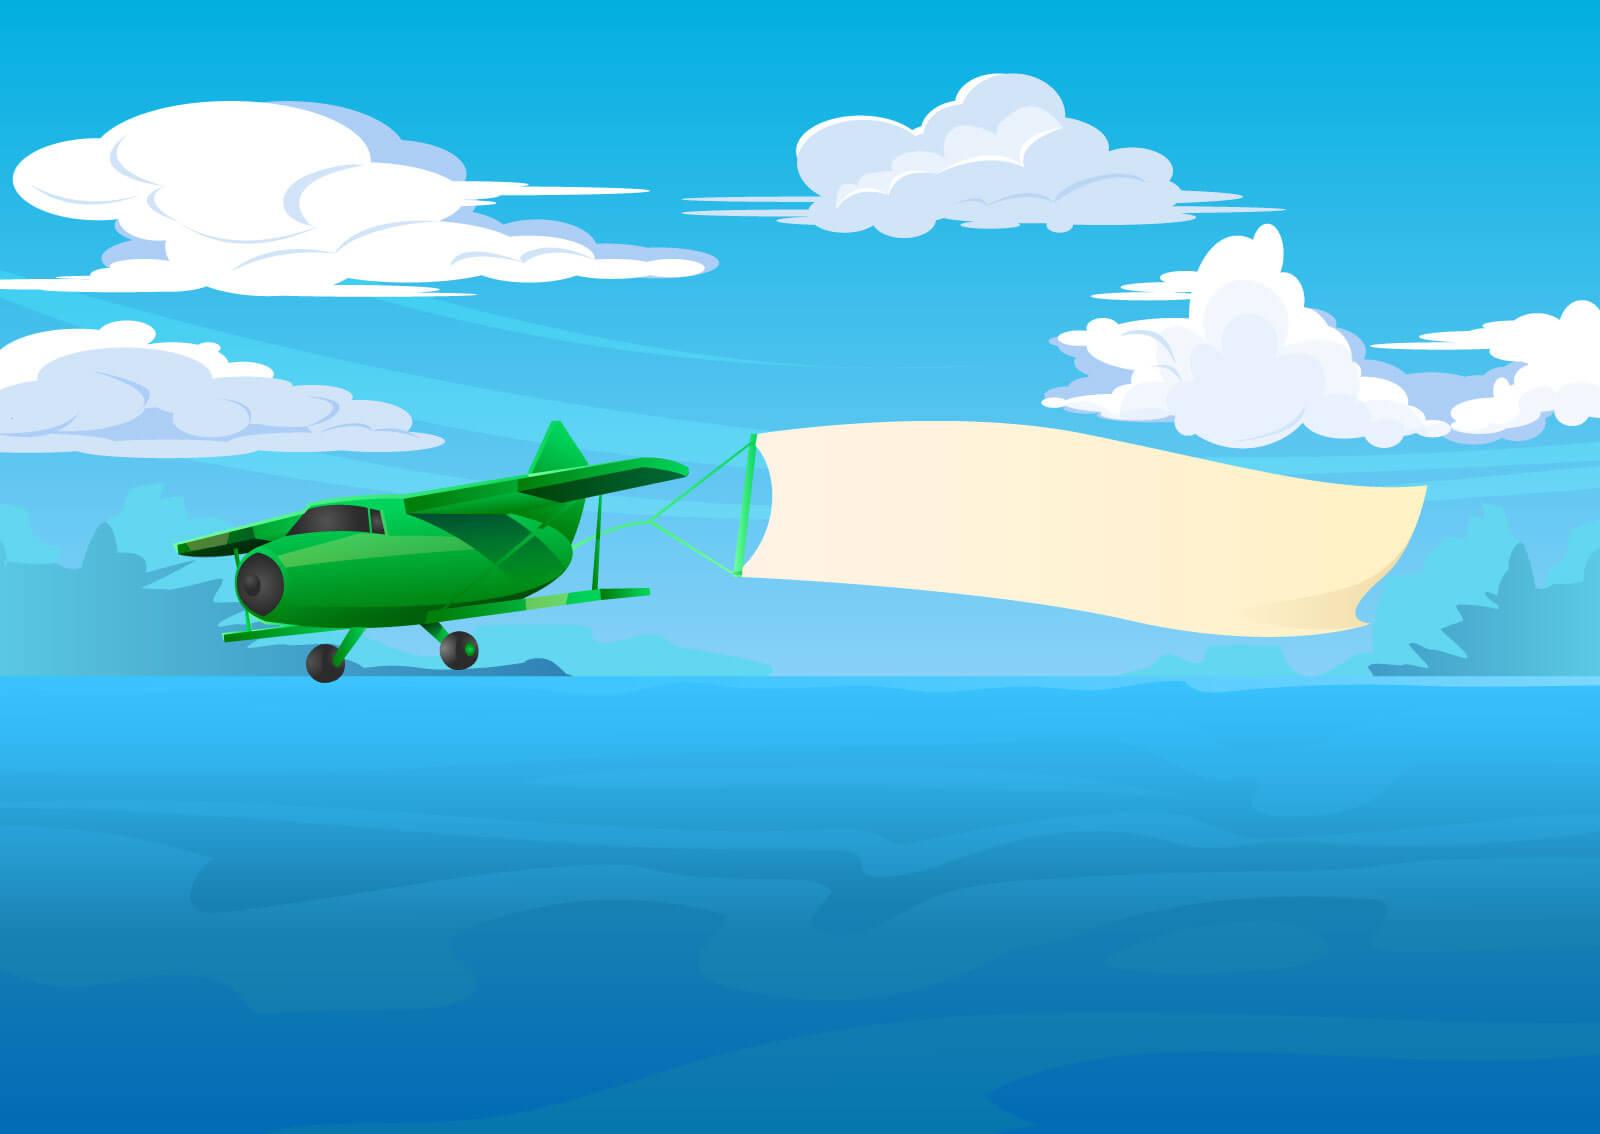 Ilsutracija aviona koji vuče prazan baner bez reklame